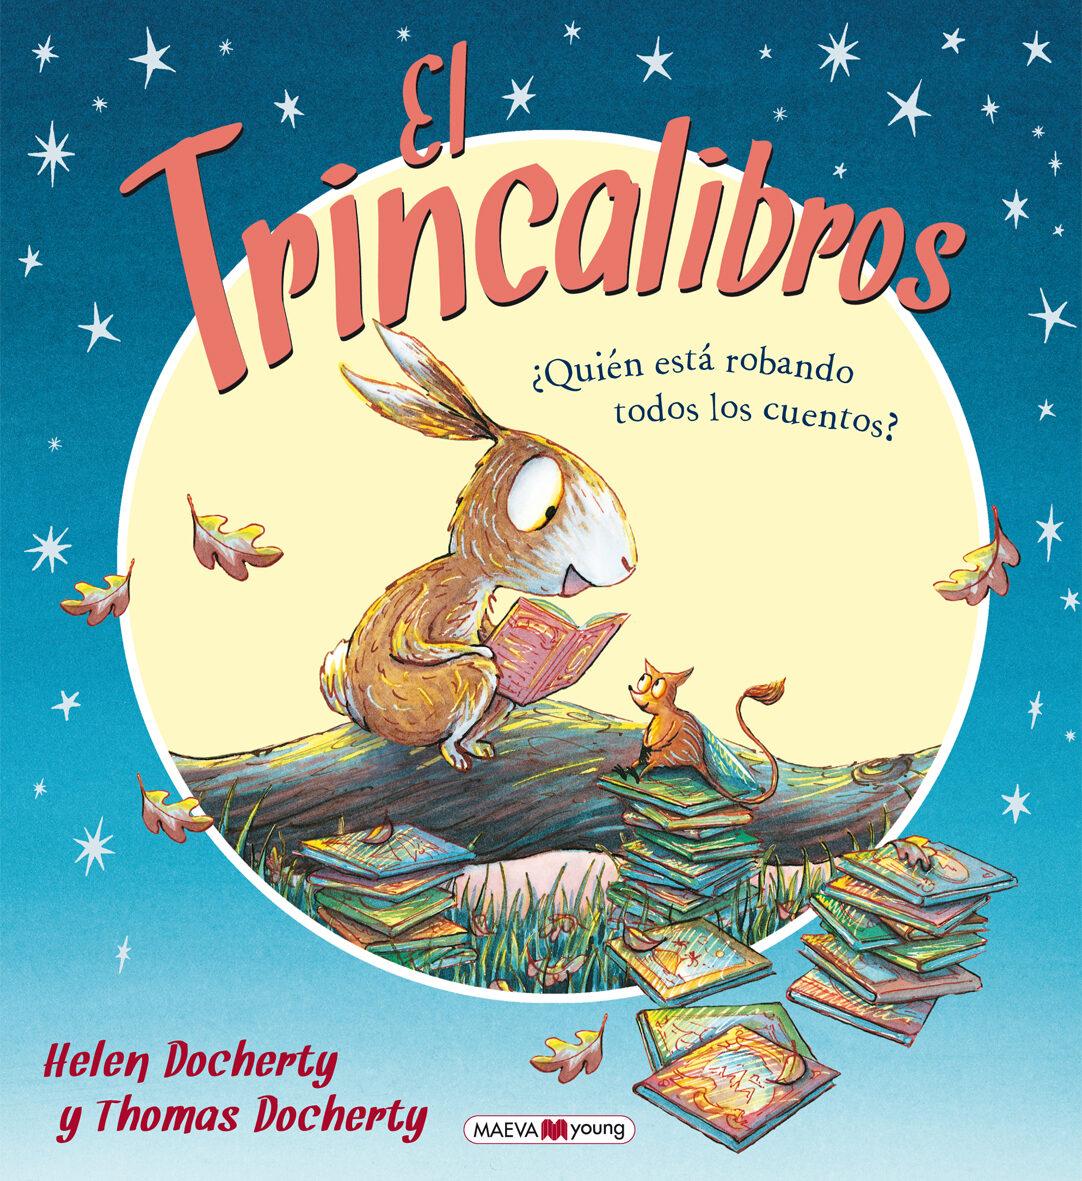 Trincalibros por Helen Docherty;                                                                                                                                                                                                                                   Thoma